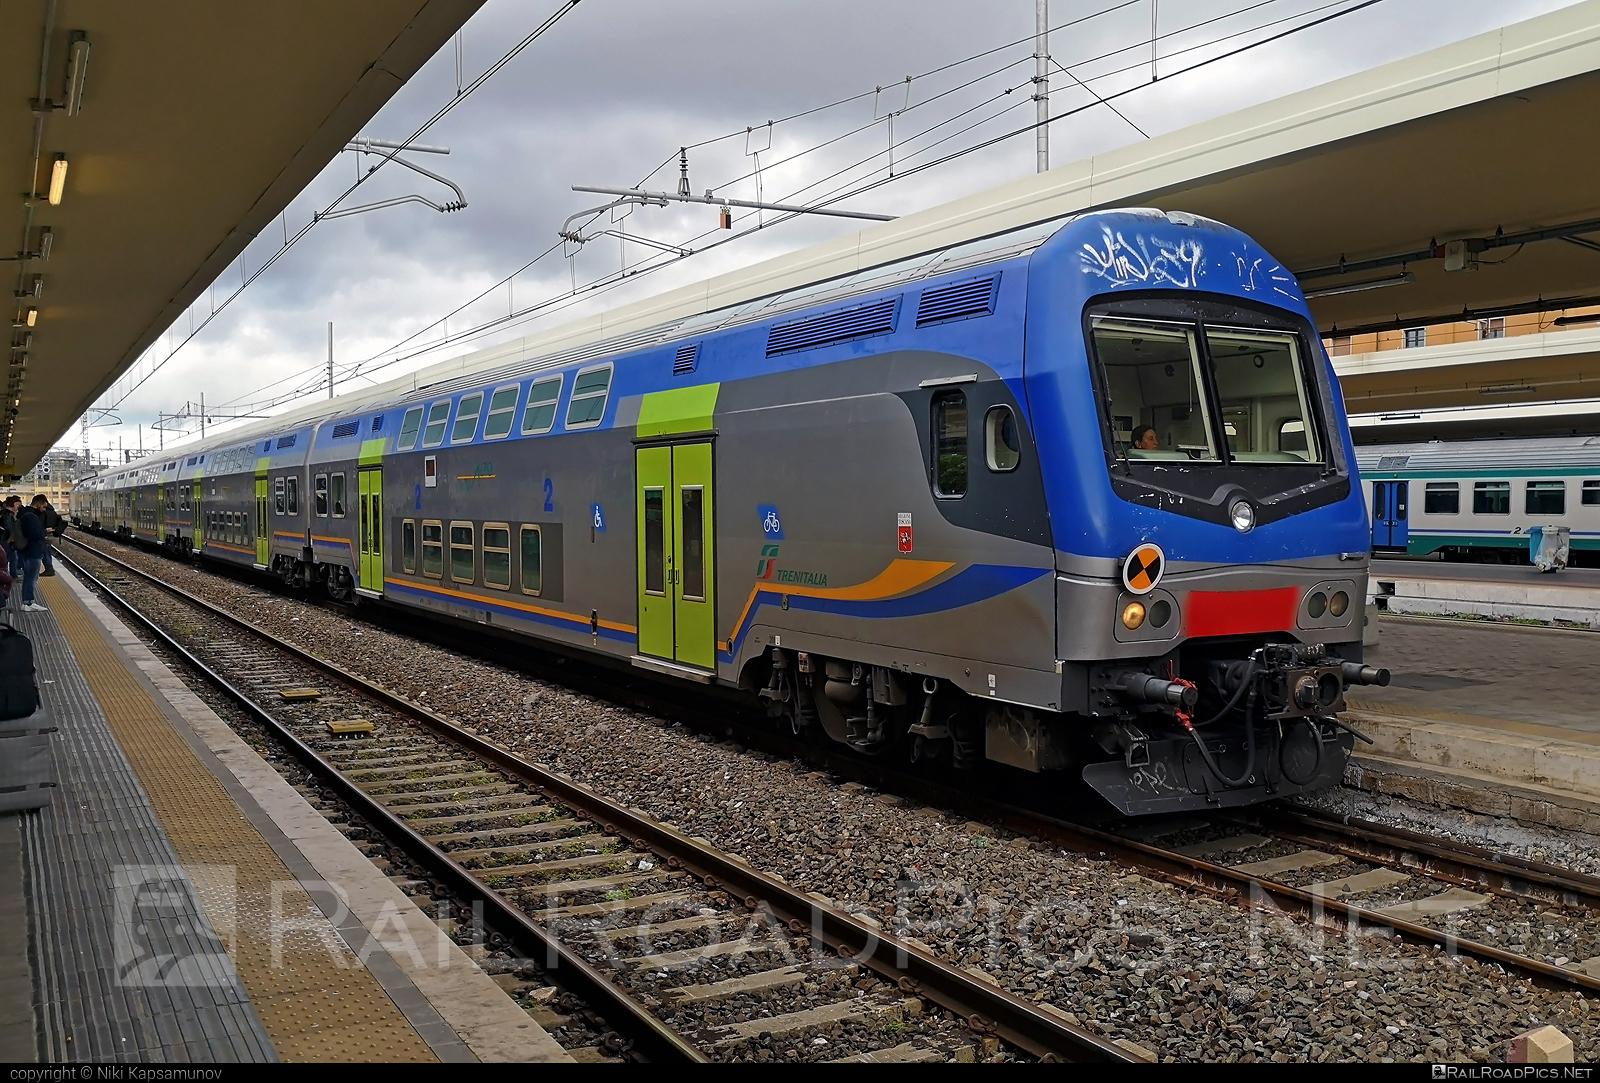 Class B - npBH 26-78 semi-pilot (Vivalto) - 26-78 958-5 operated by Trenitalia S.p.A. #ferroviedellostato #fs #fsitaliane #npbh #trenitalia #trenitaliaspa #vivalto